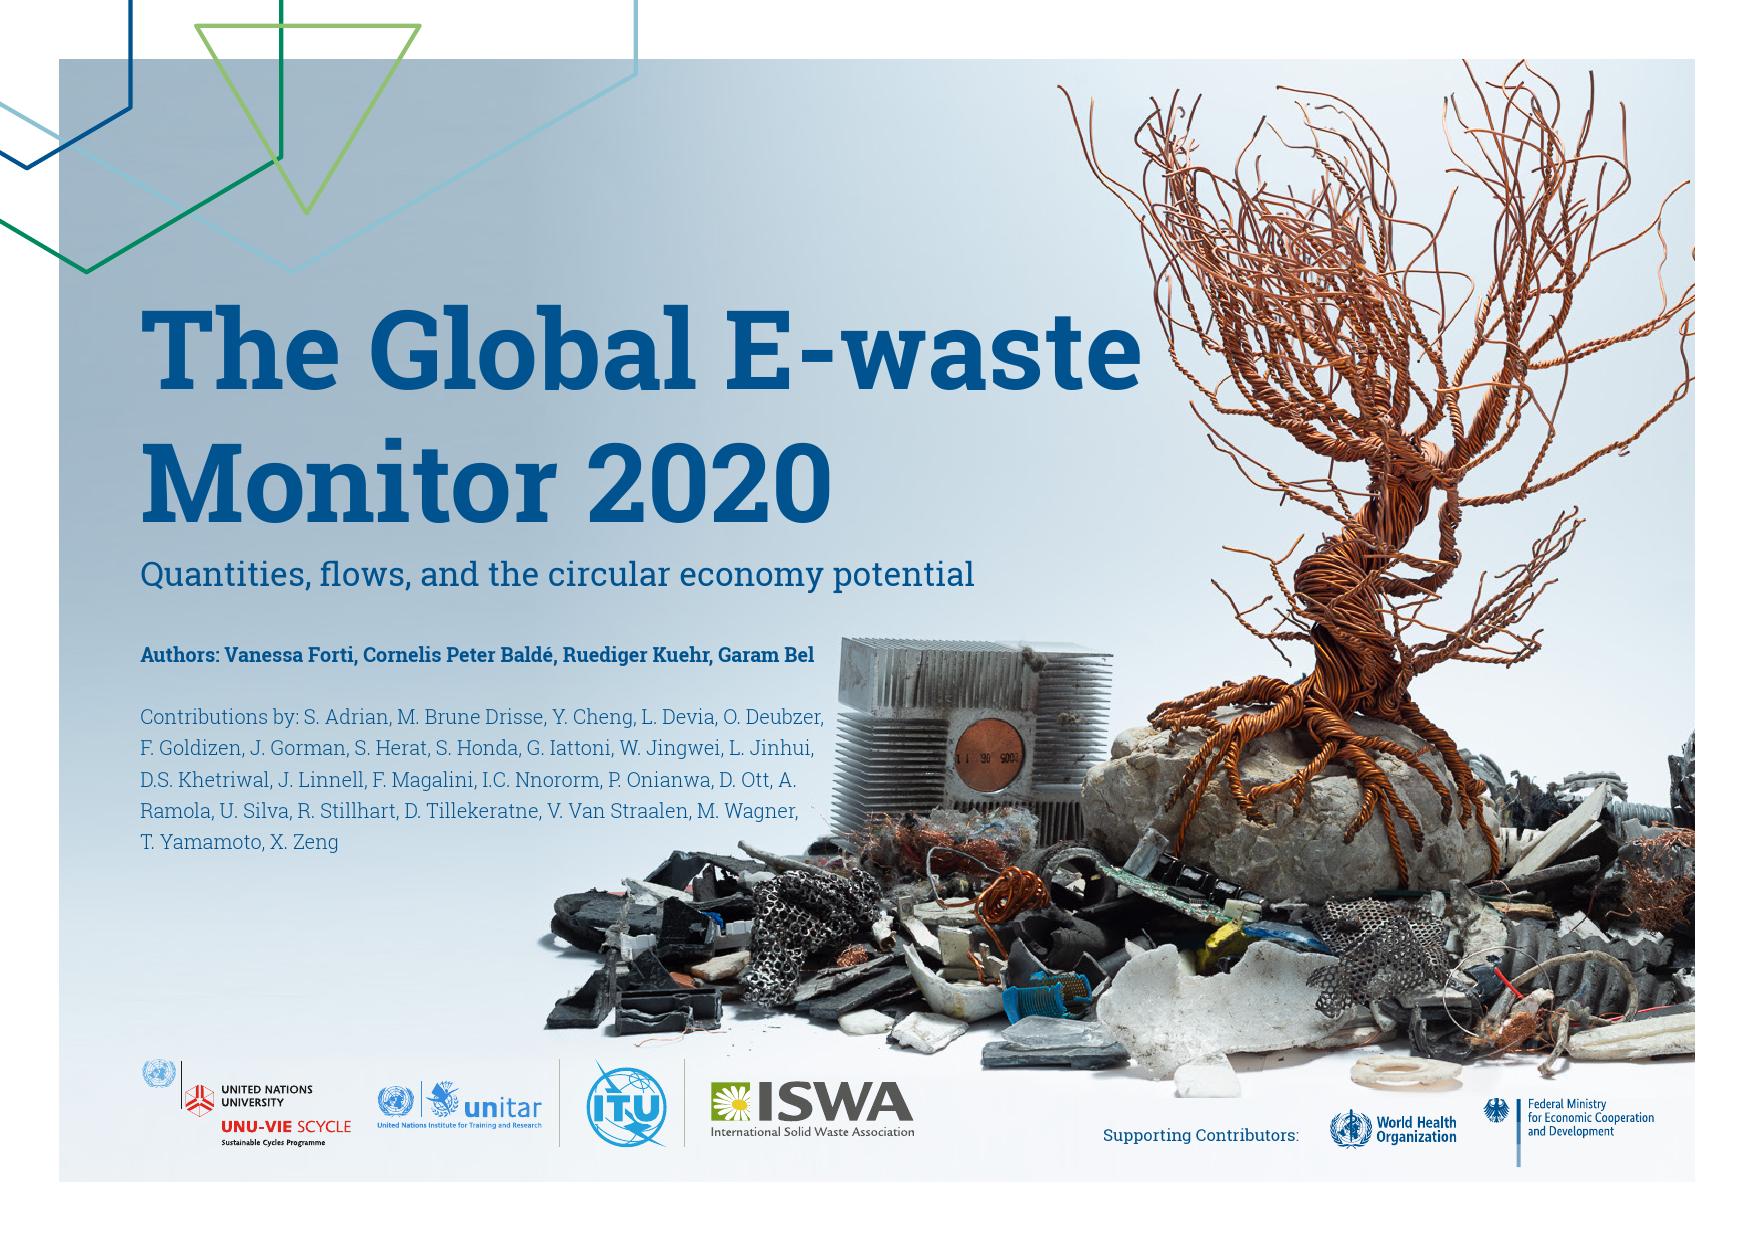 联合国:2020年全球电子废弃物监测报告